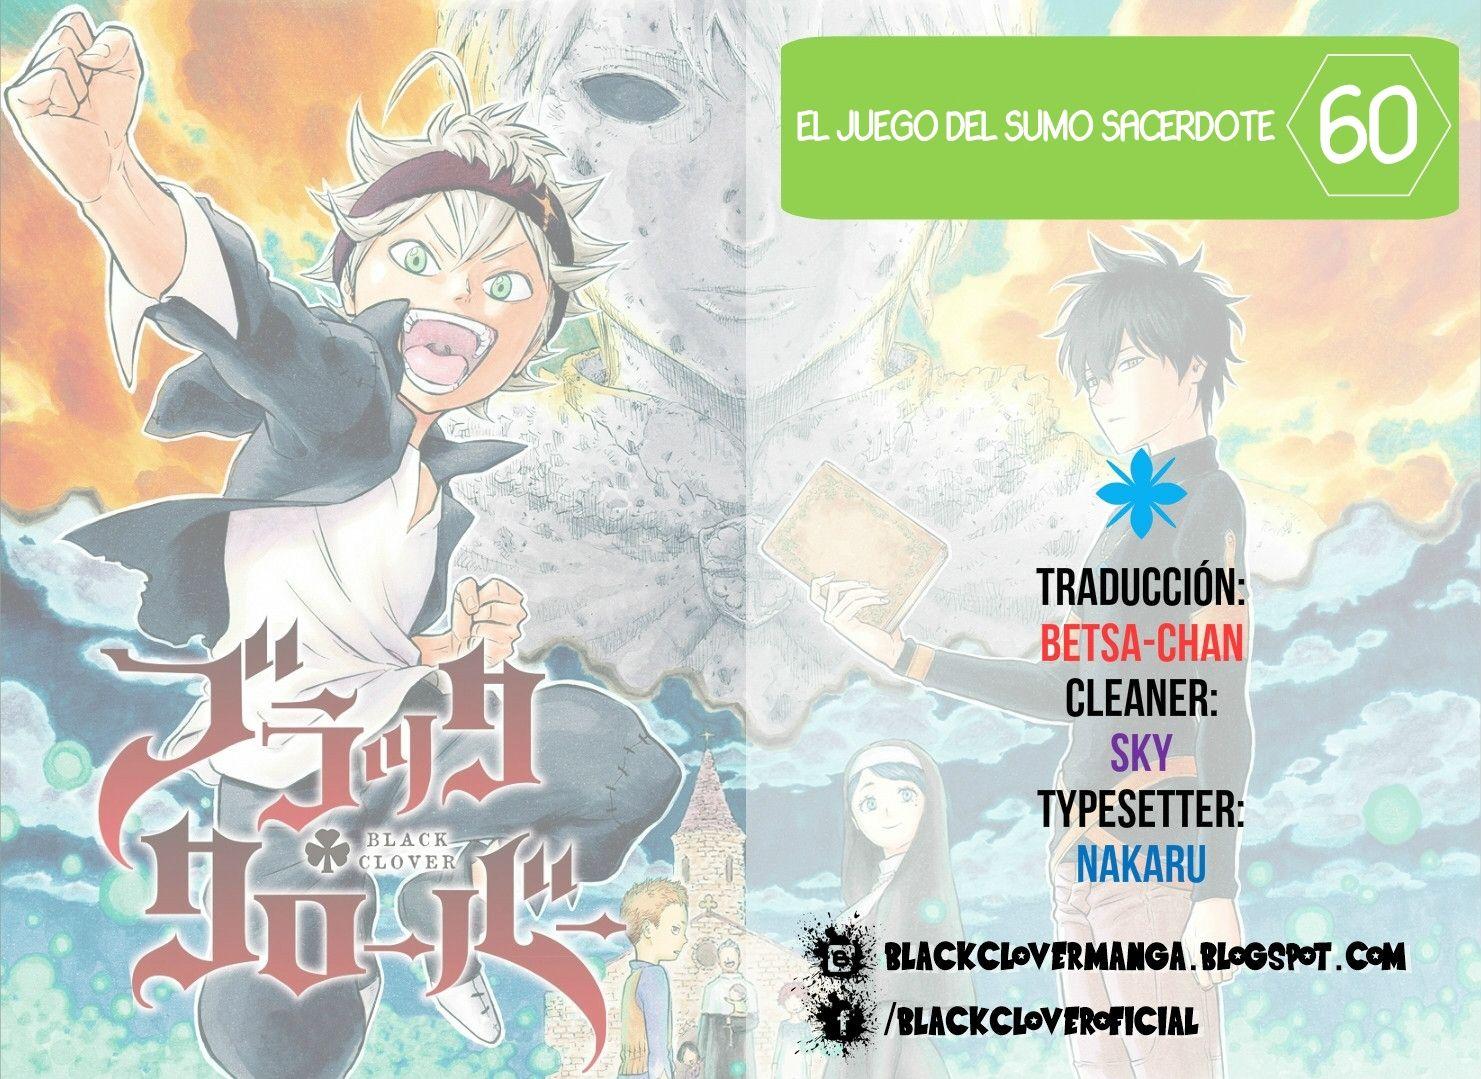 http://c5.ninemanga.com/es_manga/35/3811/463110/d4c4f45d7f32dce6b6221800d9c8aaf9.jpg Page 1